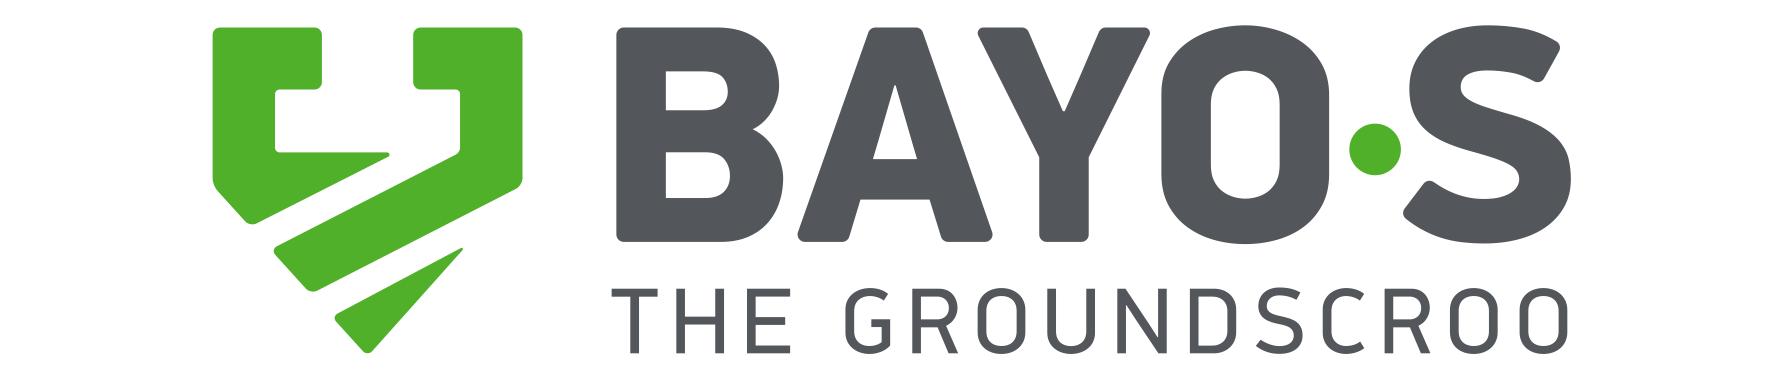 BAYO.S